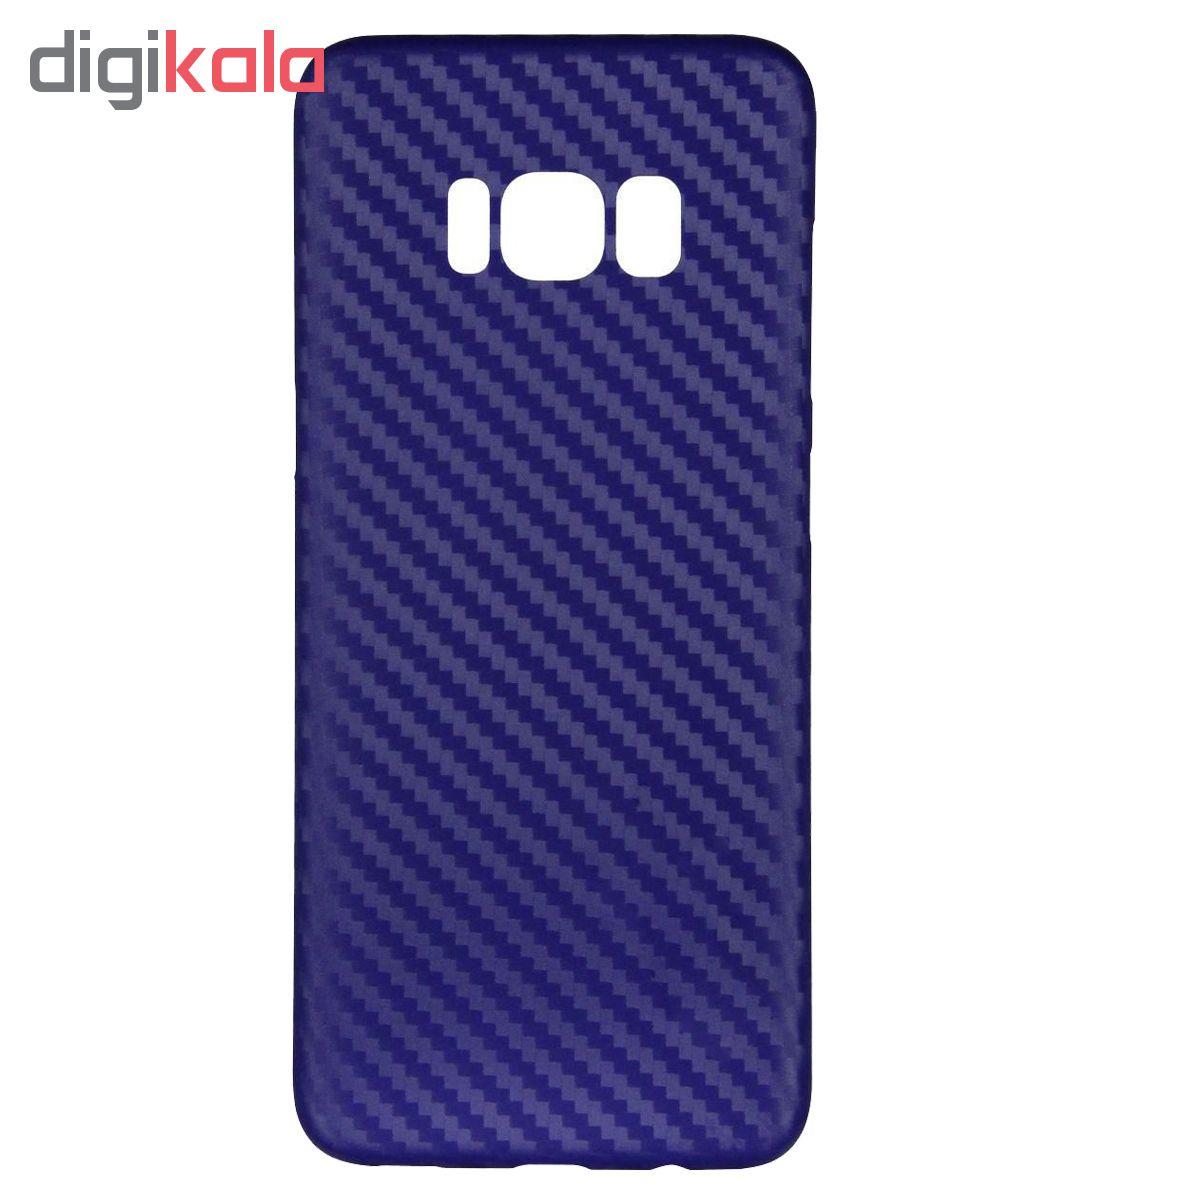 کاور مدل FB10 مناسب برای گوشی موبایل سامسونگ Galaxy S8 main 1 1